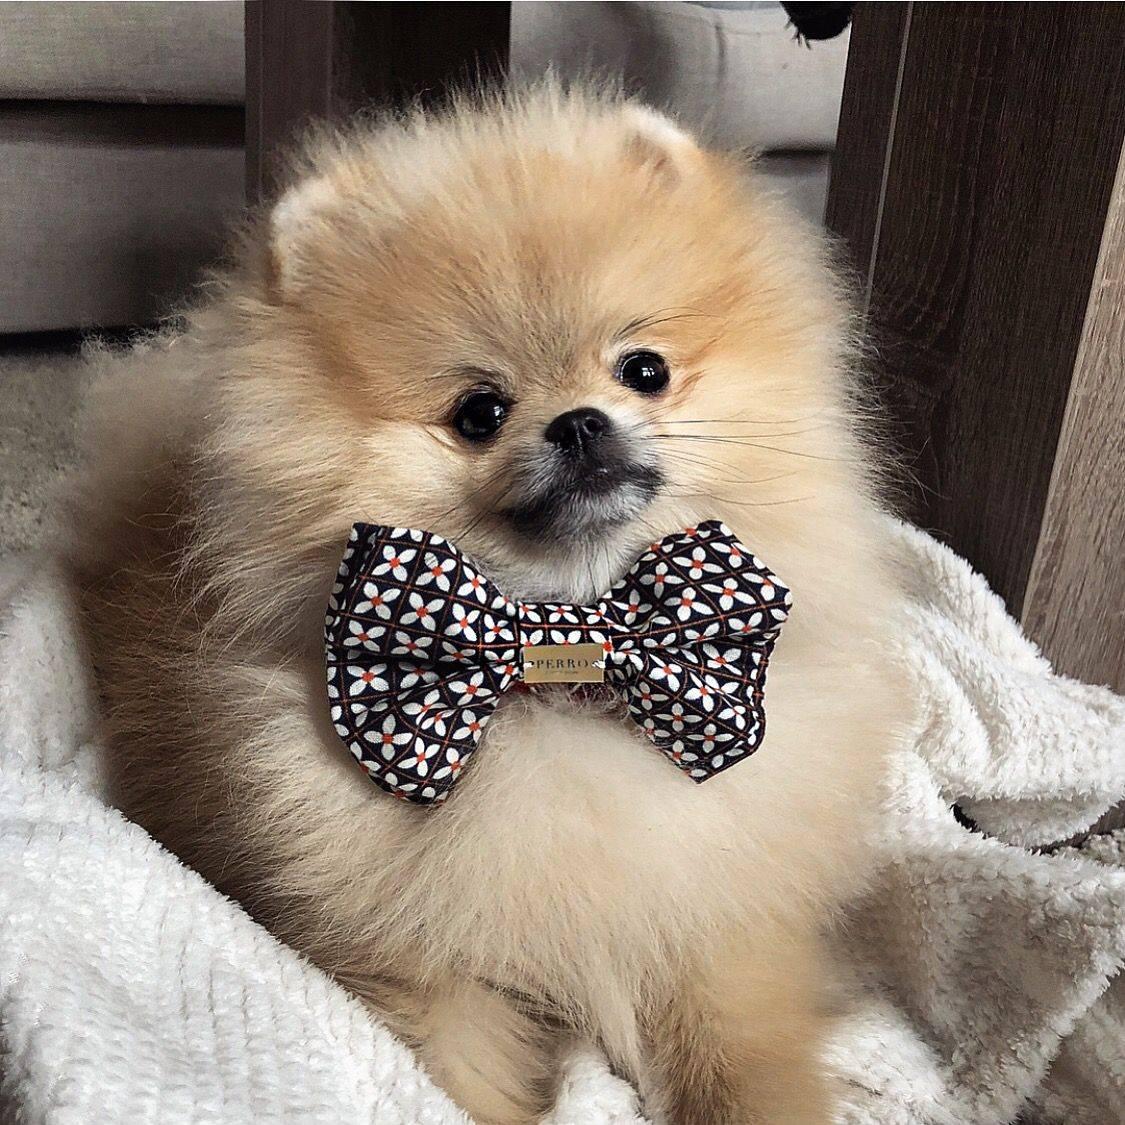 Одежда для шпица (31 фото): зимняя одежда для собаки. как выбрать одежду для щенка-мальчика и девочки?